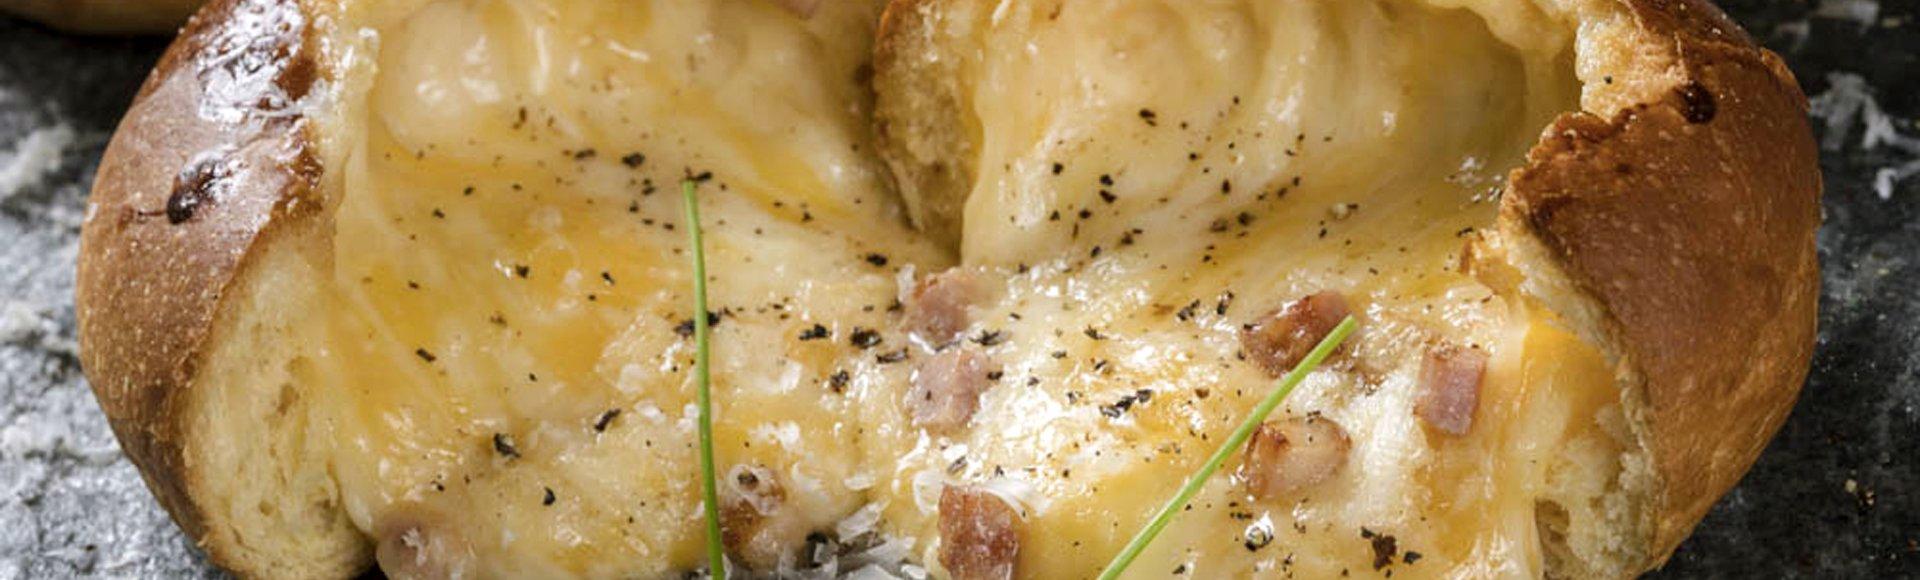 Γεμιστά ψωμάκια με τυριά & μπέικον